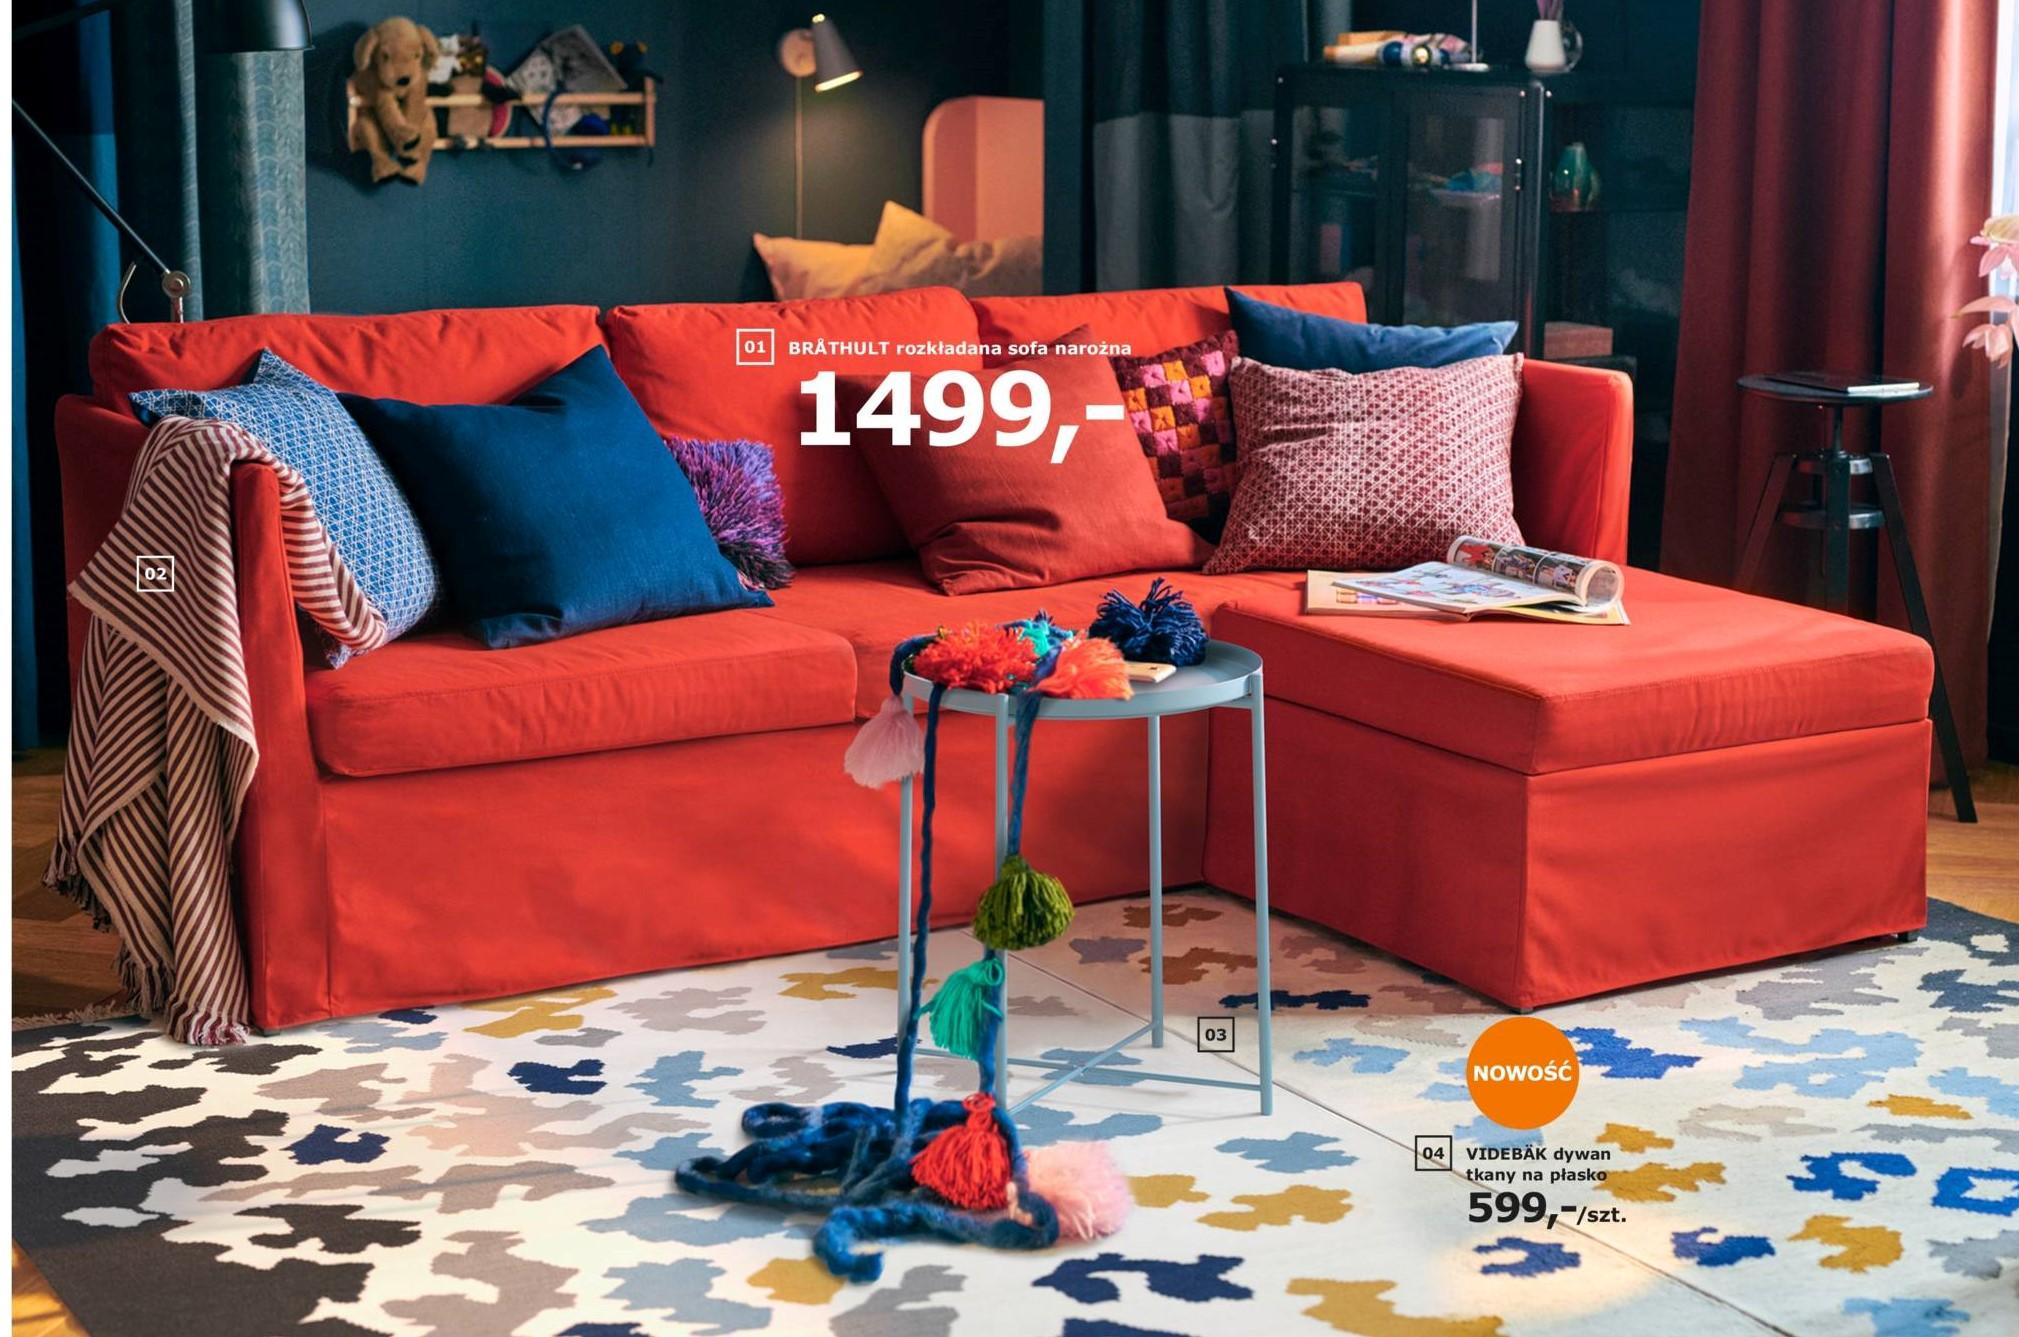 Nowy Katalog Ikea 2019 Przegląd Nowości Plan For Design